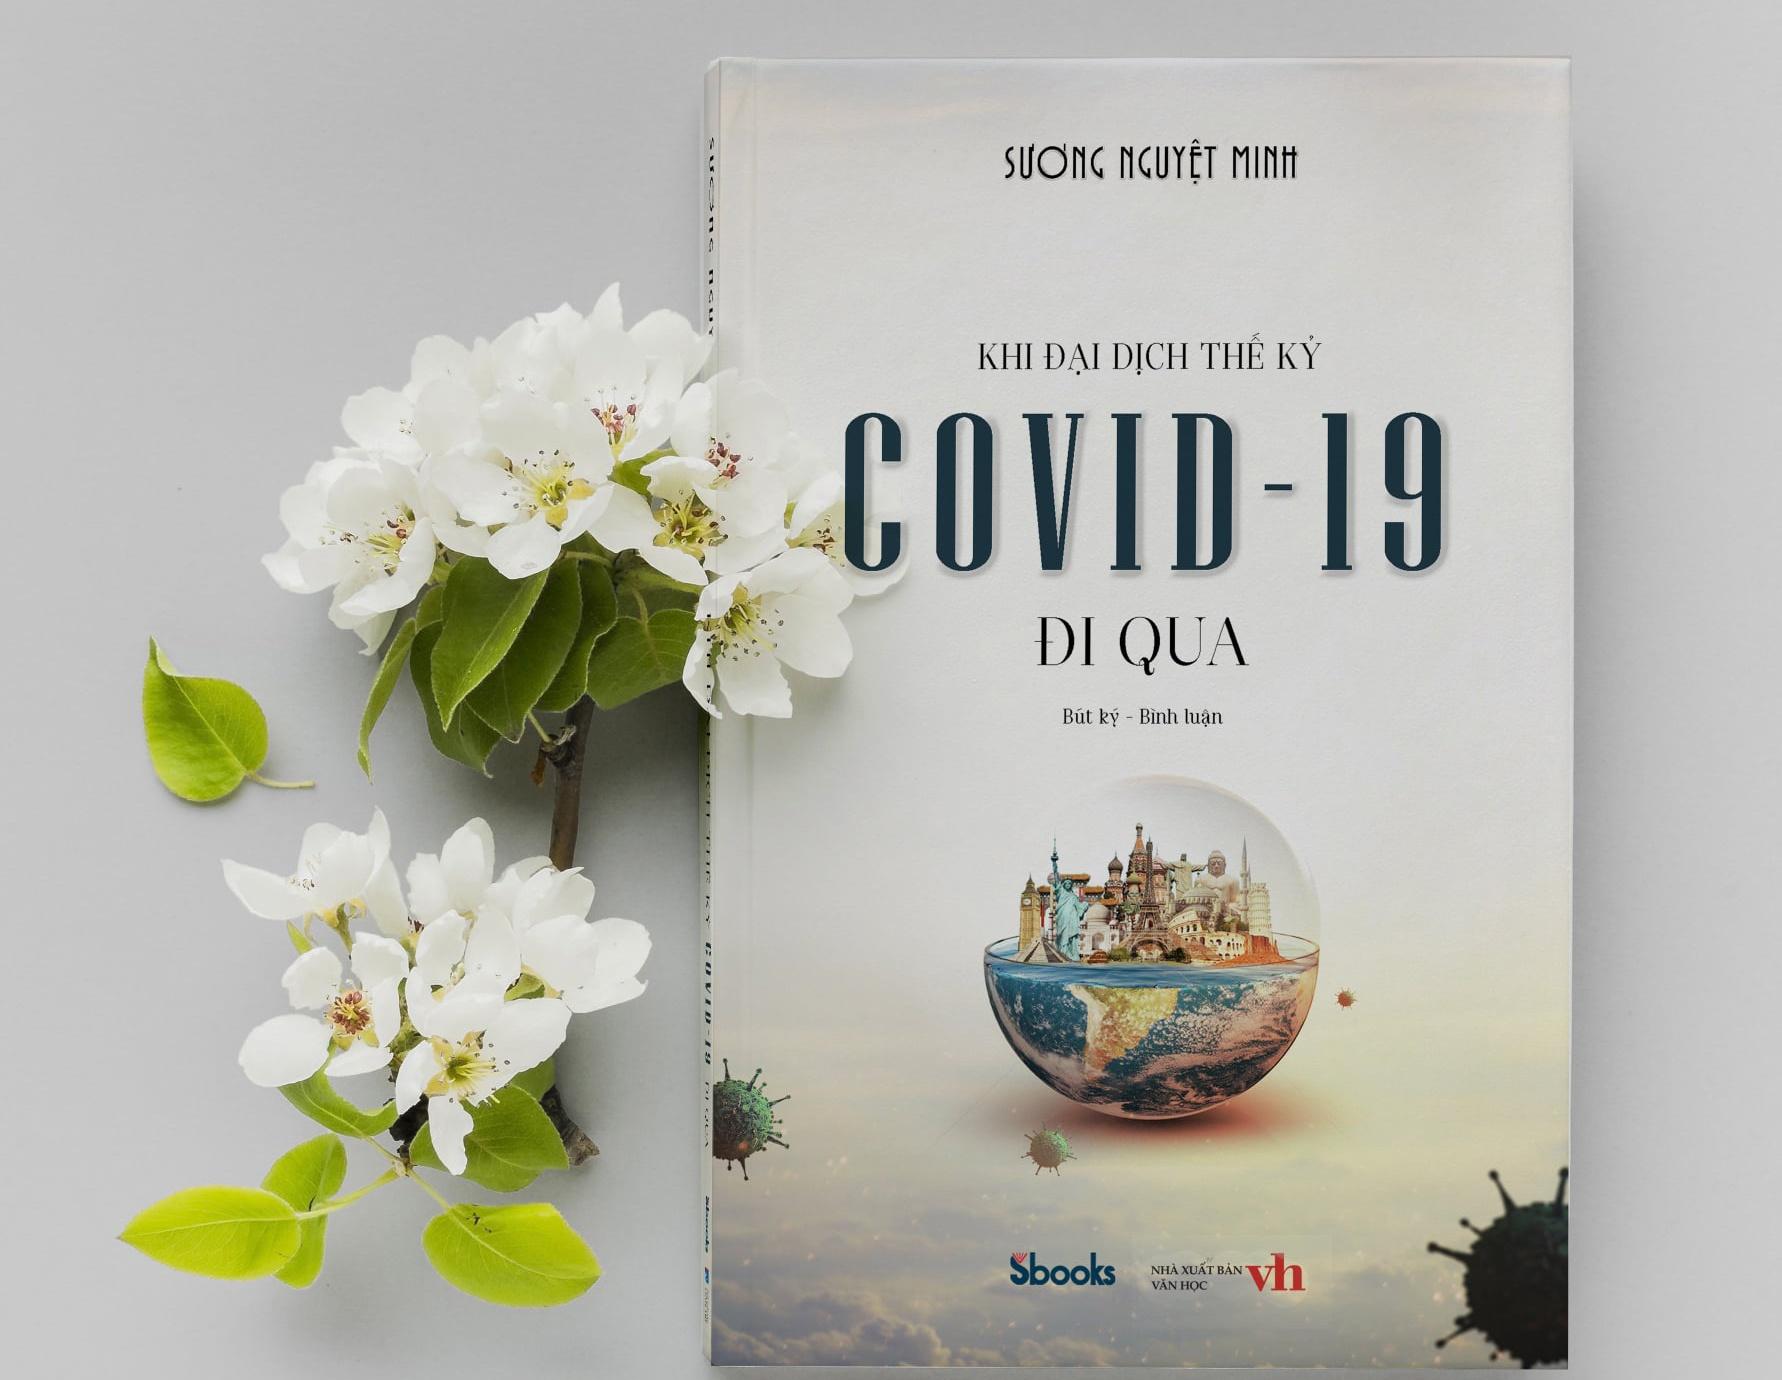 Nha van viet ve Covid-19 anh 2